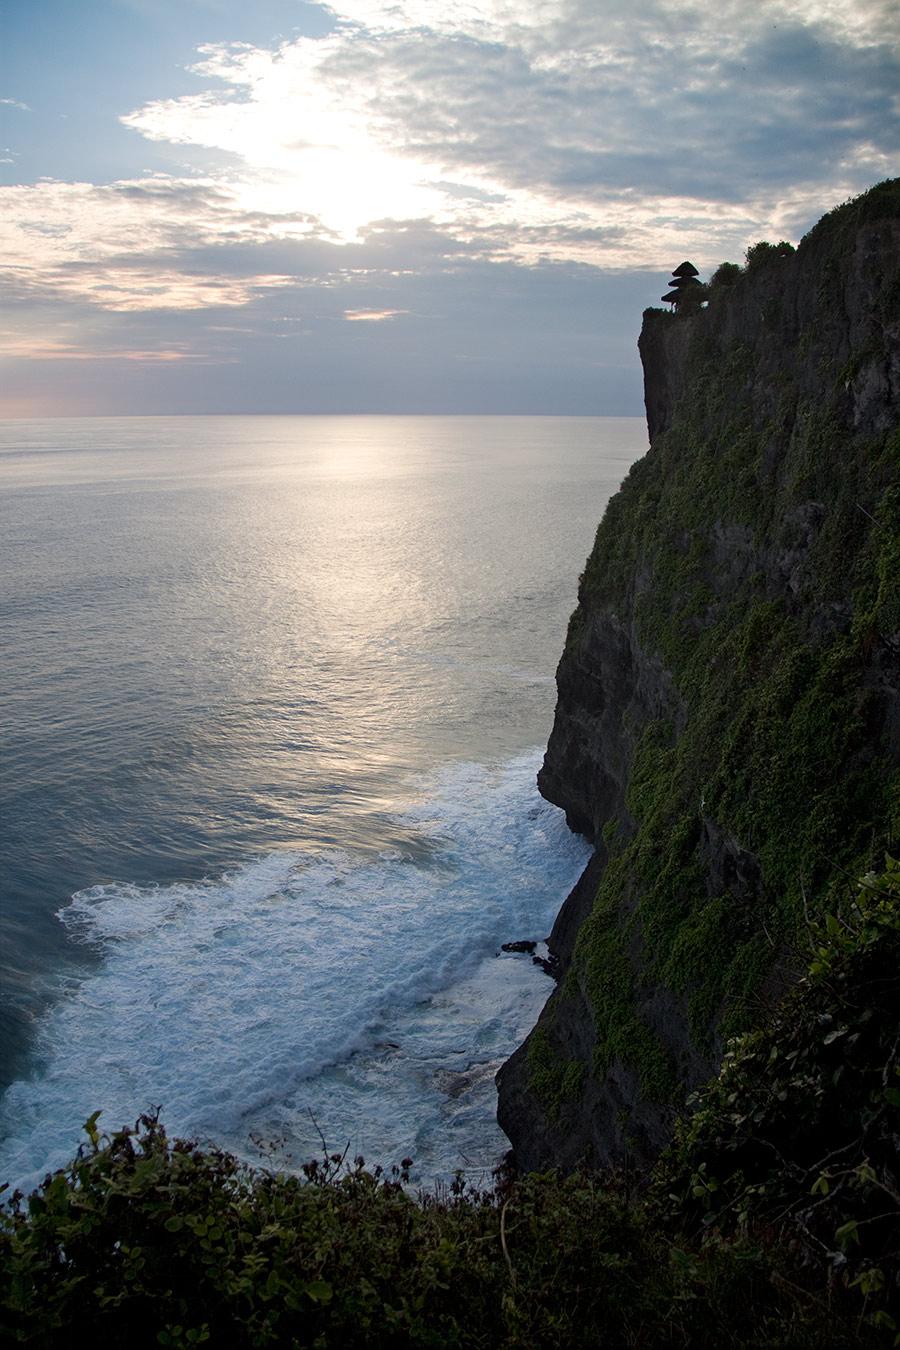 A temple on a cliff in Uluwatu, Bali.